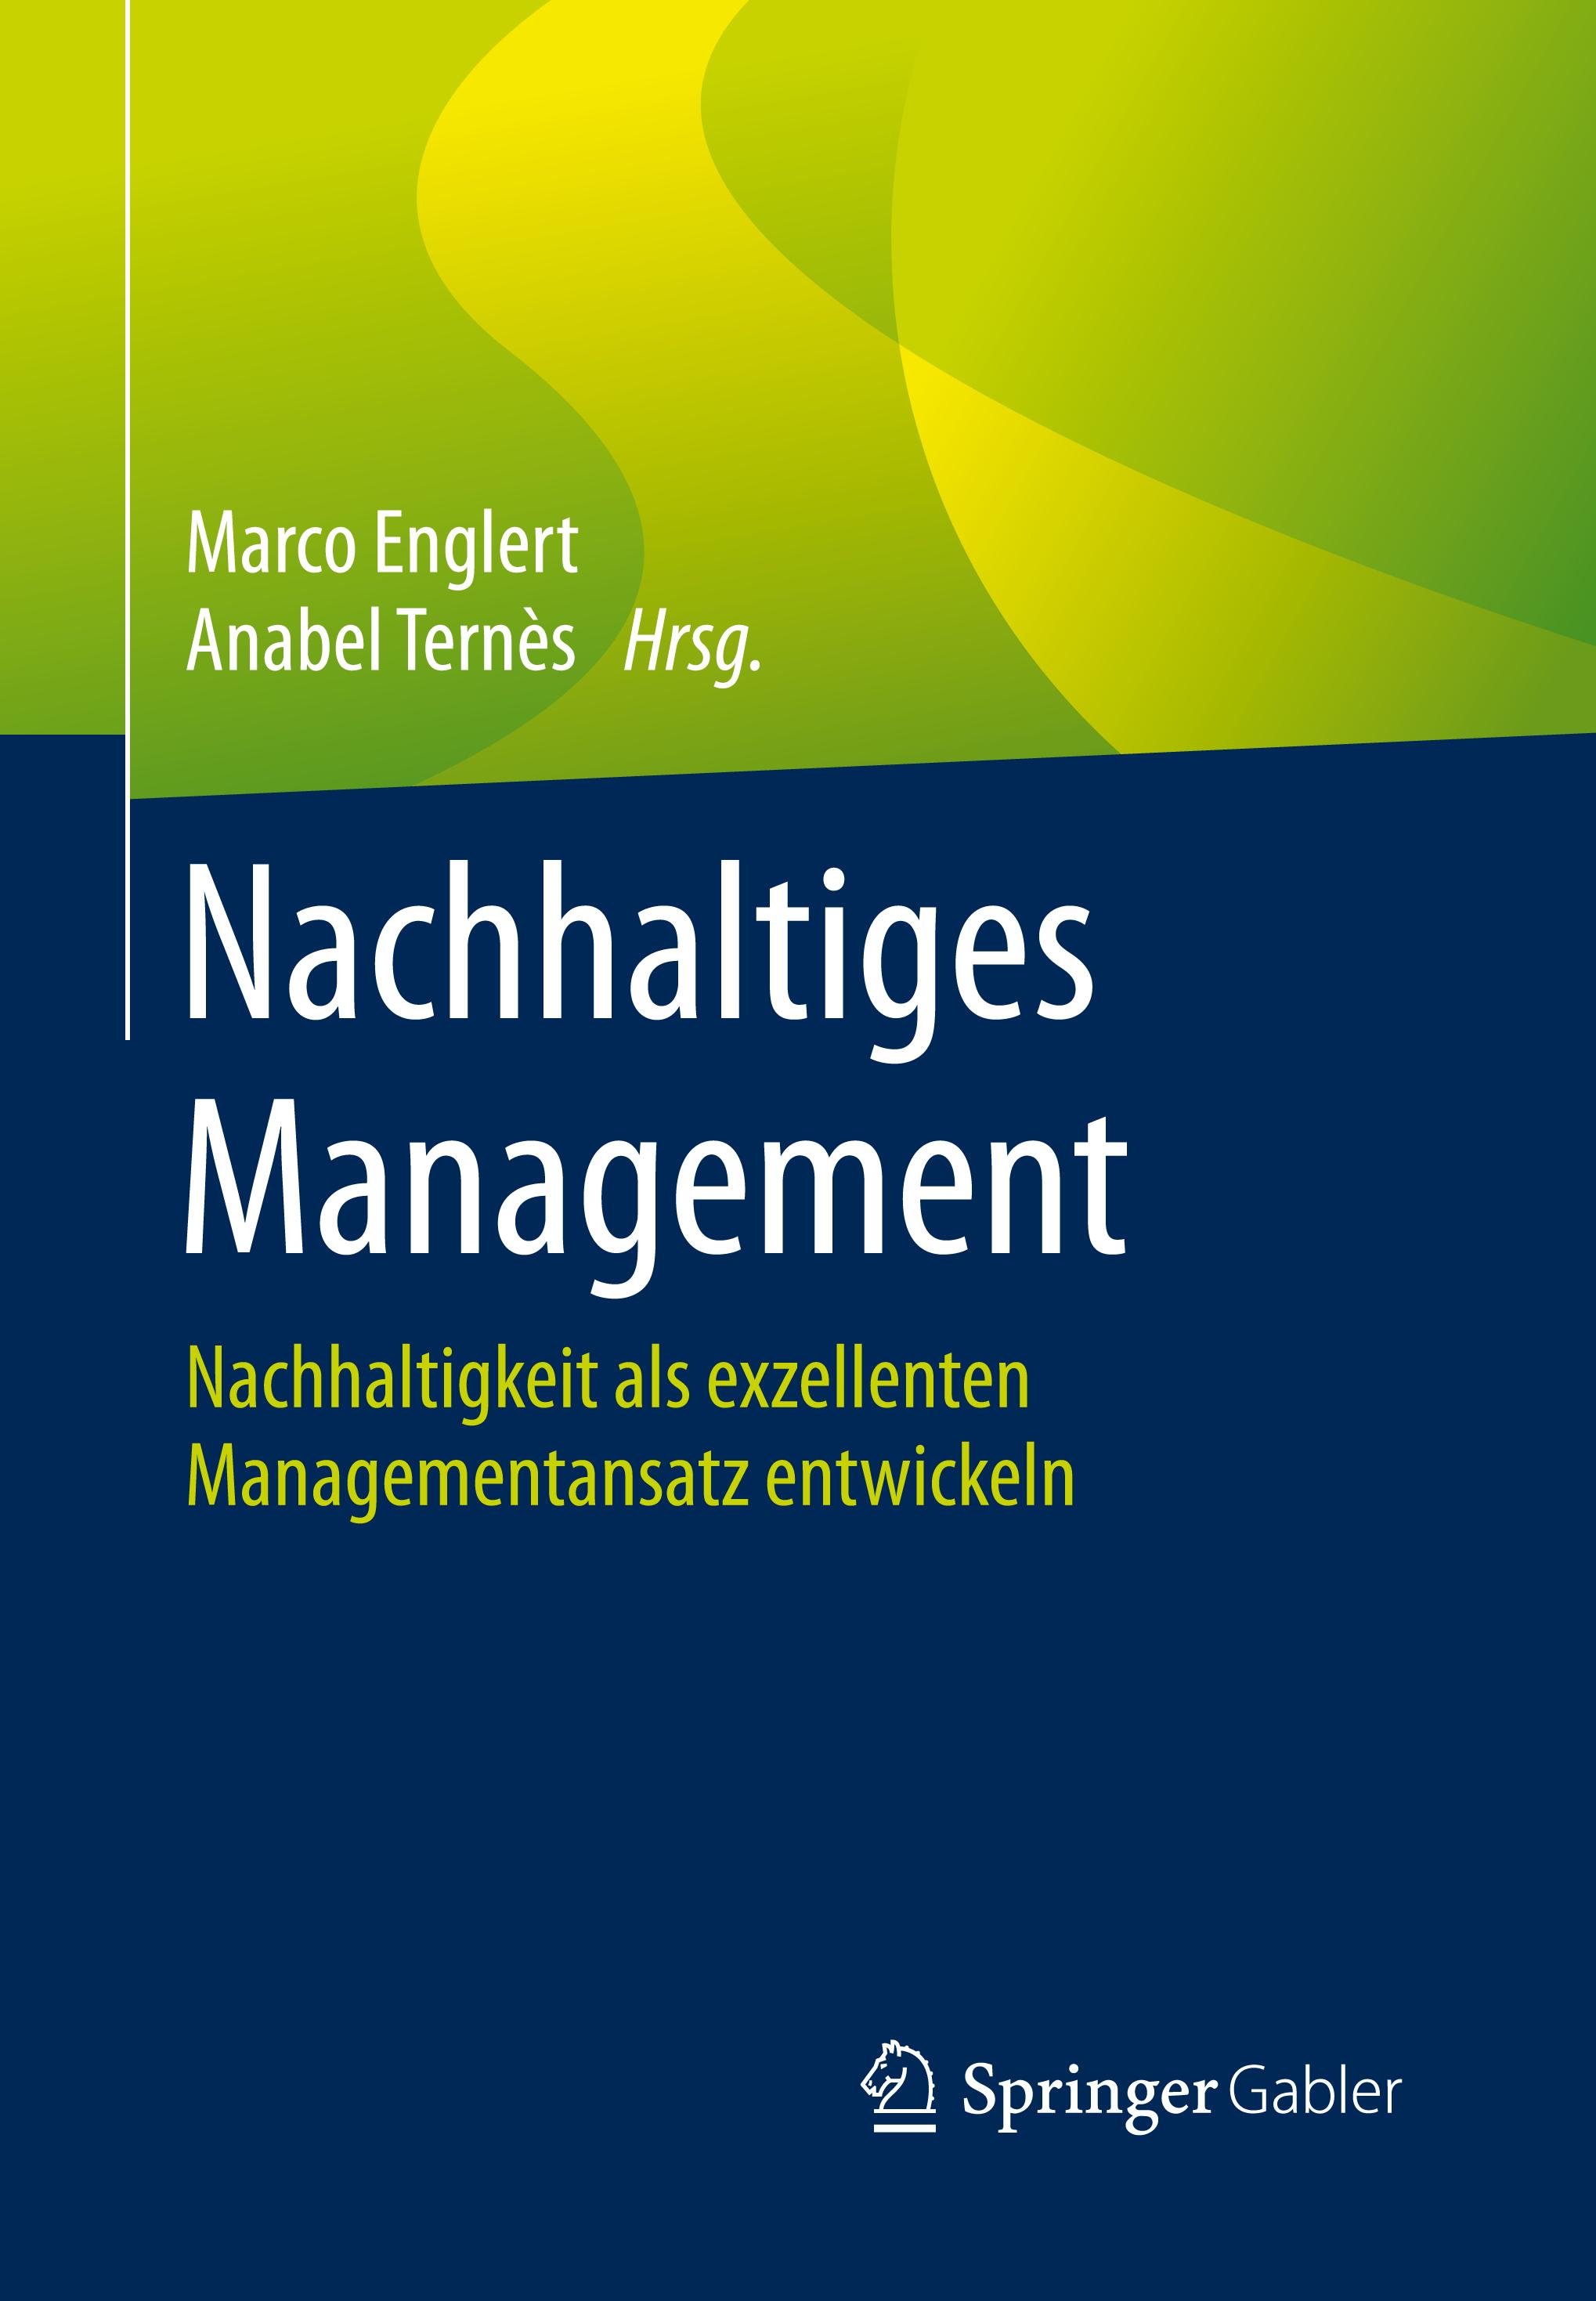 Nachhaltiges Management Buch Vorderseite